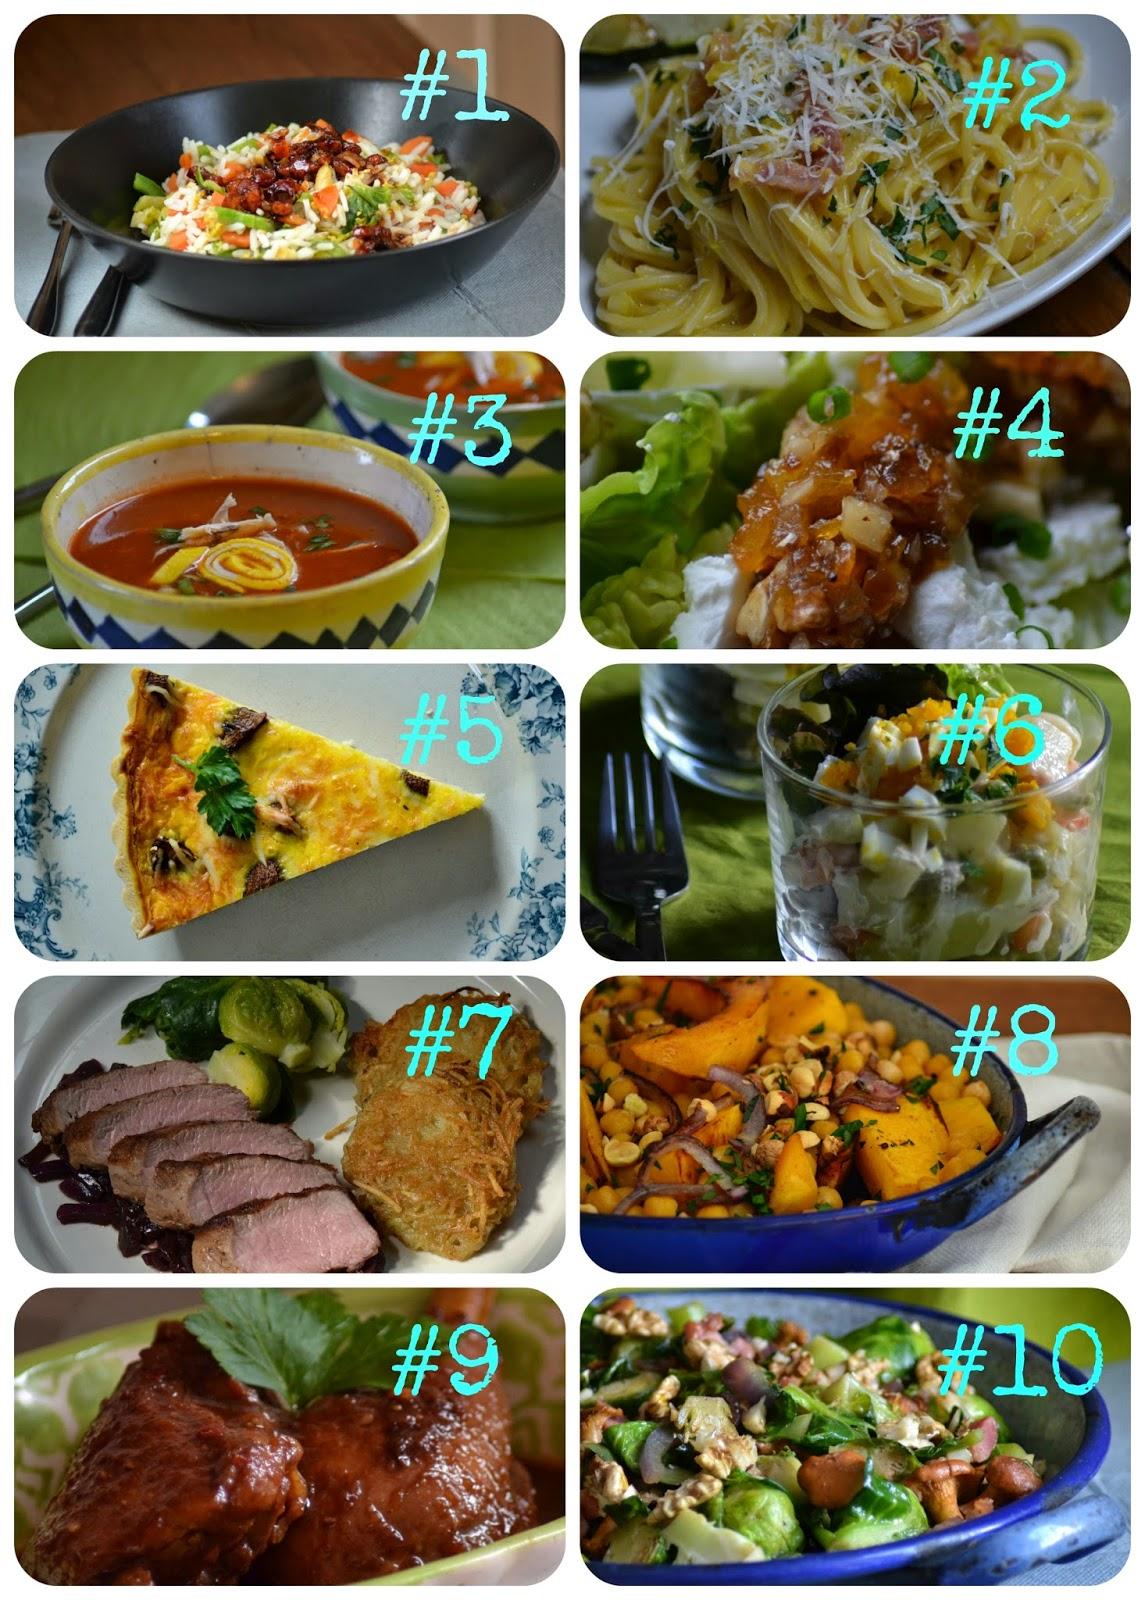 Recepten top 10 2014 Hartige gerechten